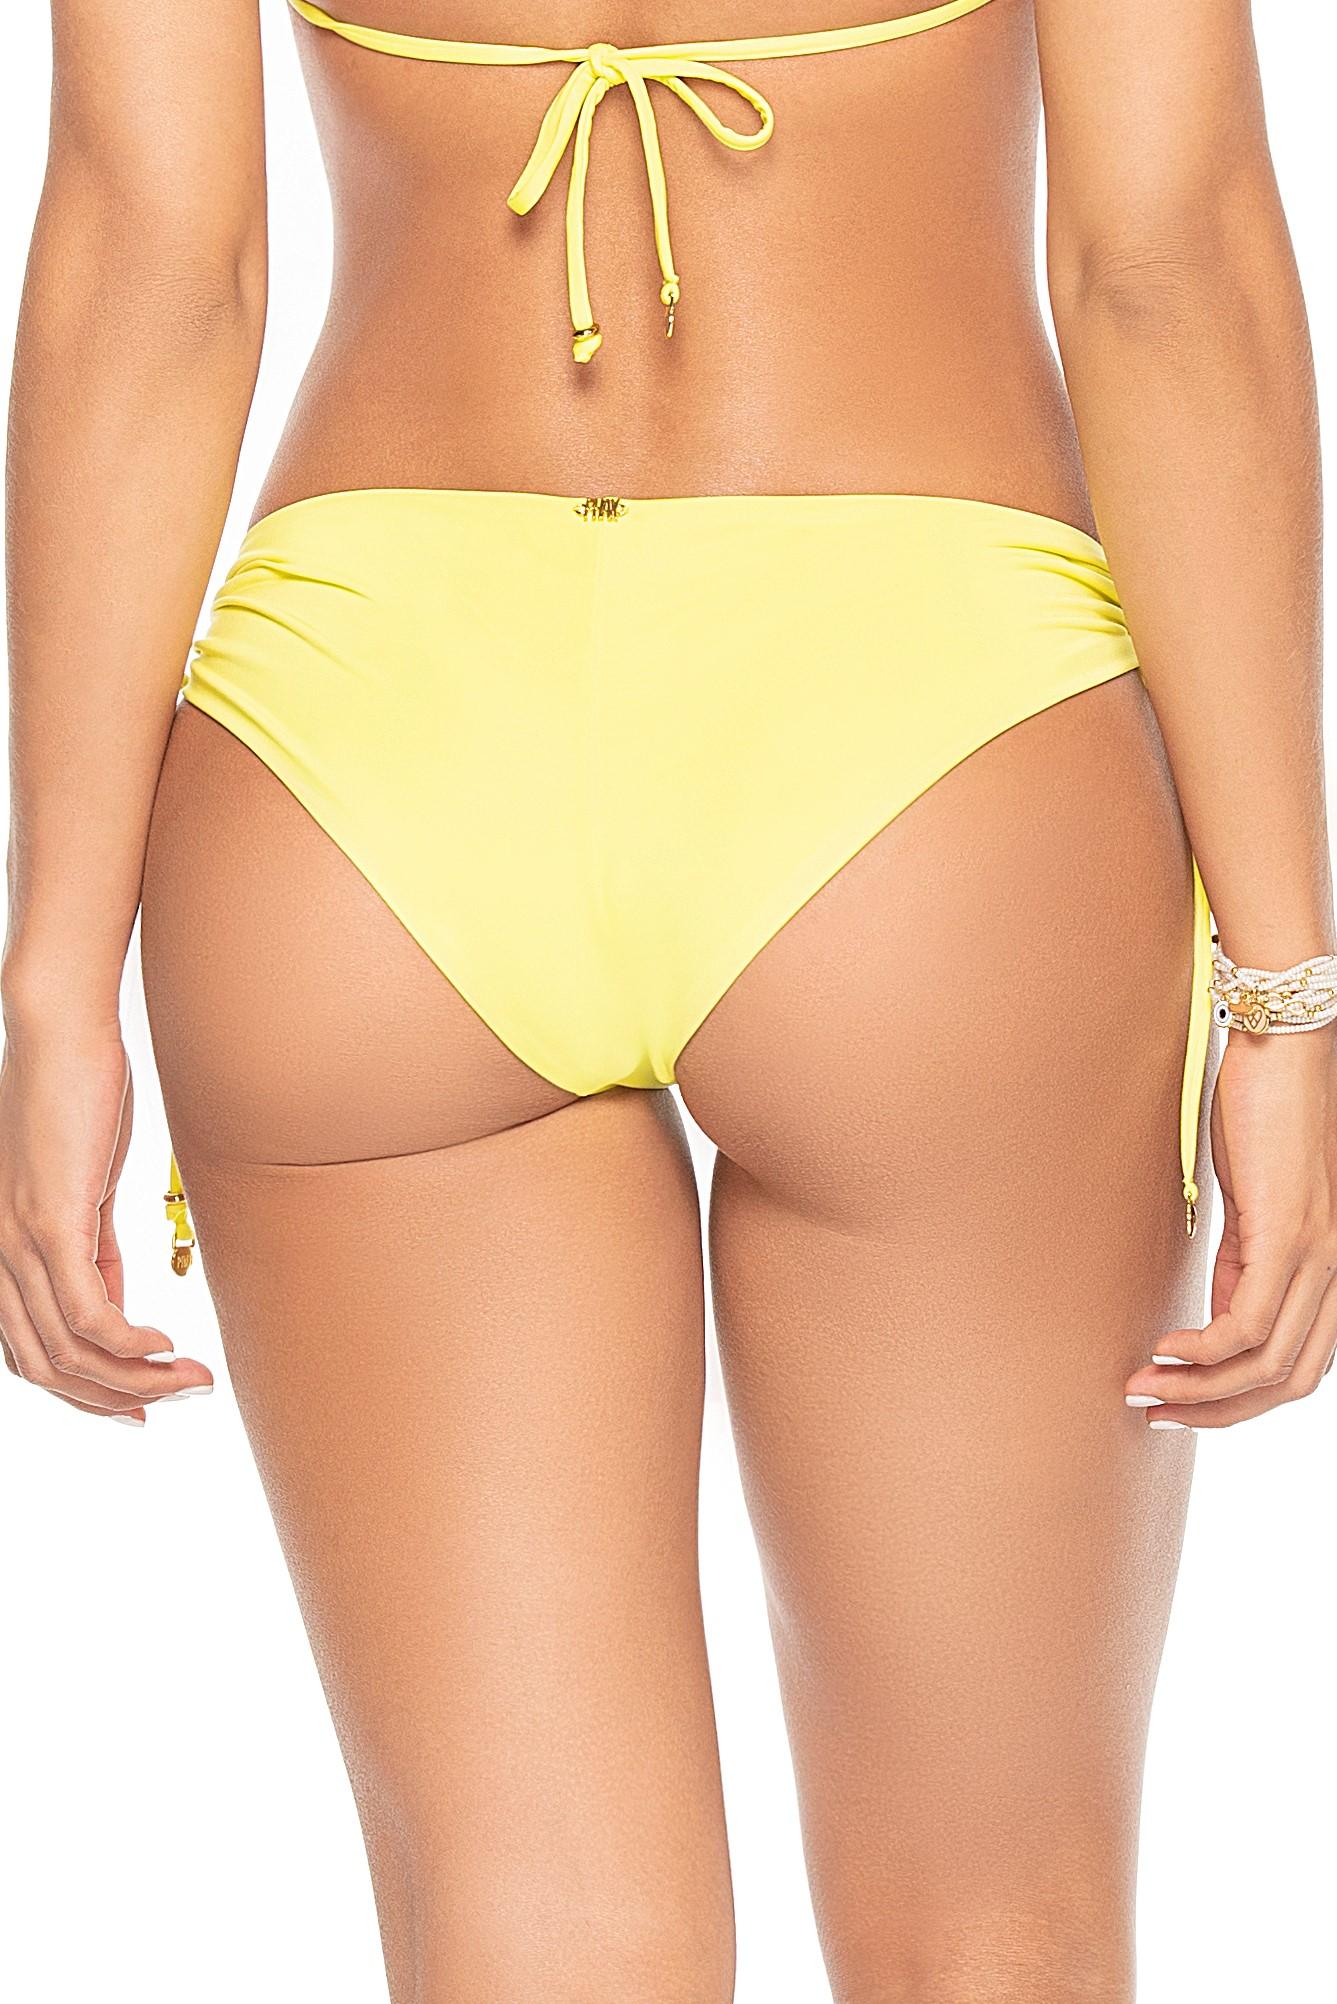 Phax Mimosa Yellow Cheeky Bikini Bottom